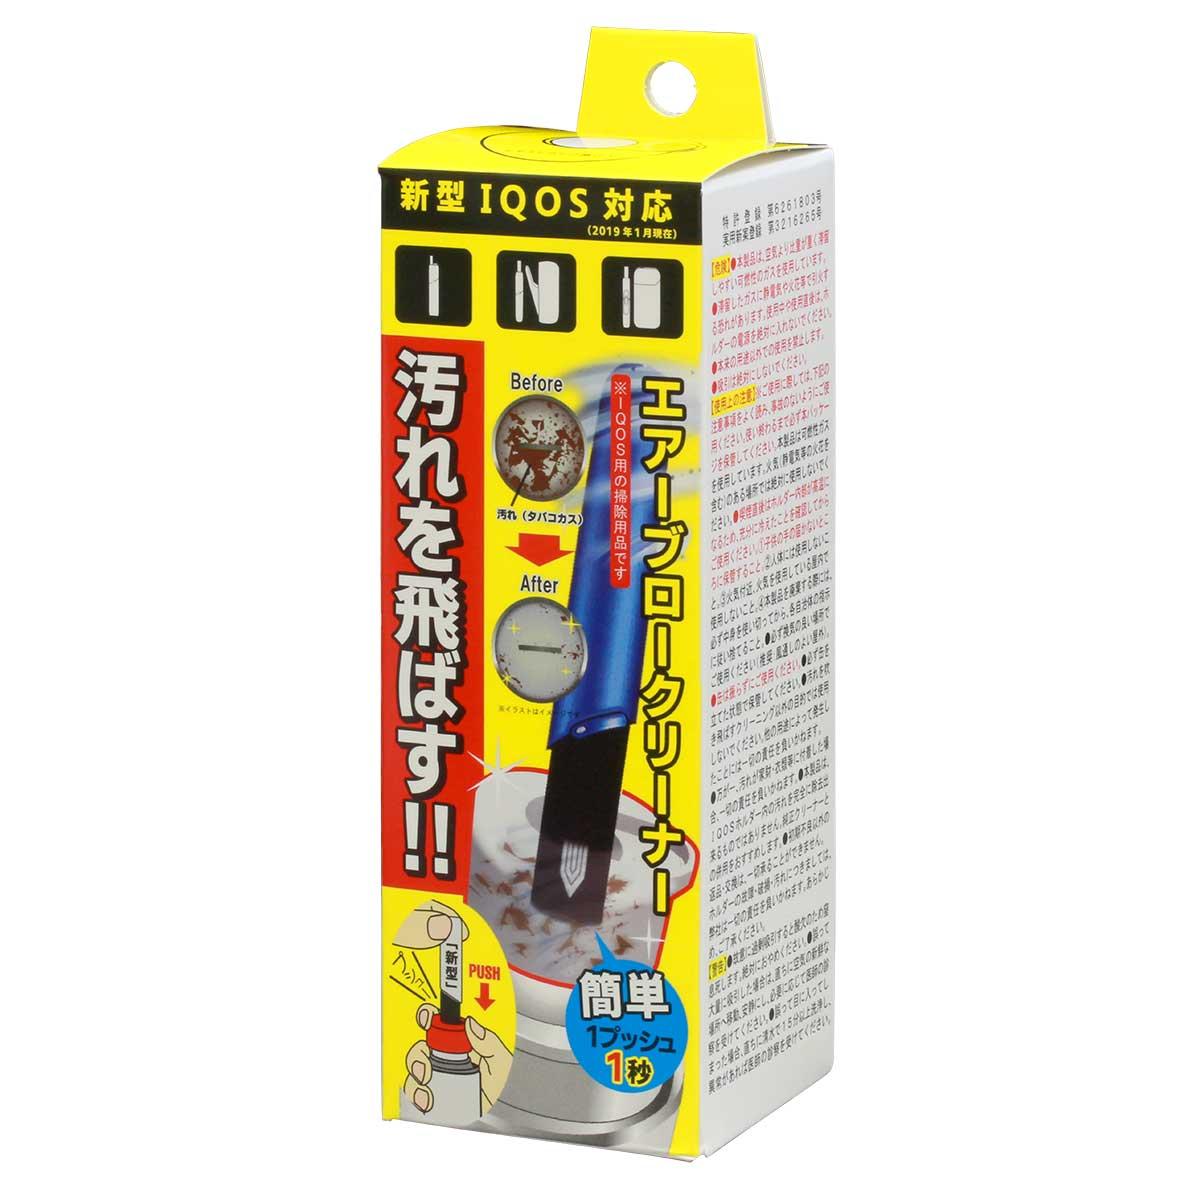 その他 売却 アクセサリー あす楽 東京パイプ 70ml エアーブロークリーナー アイコス対応 IQOS SALE開催中